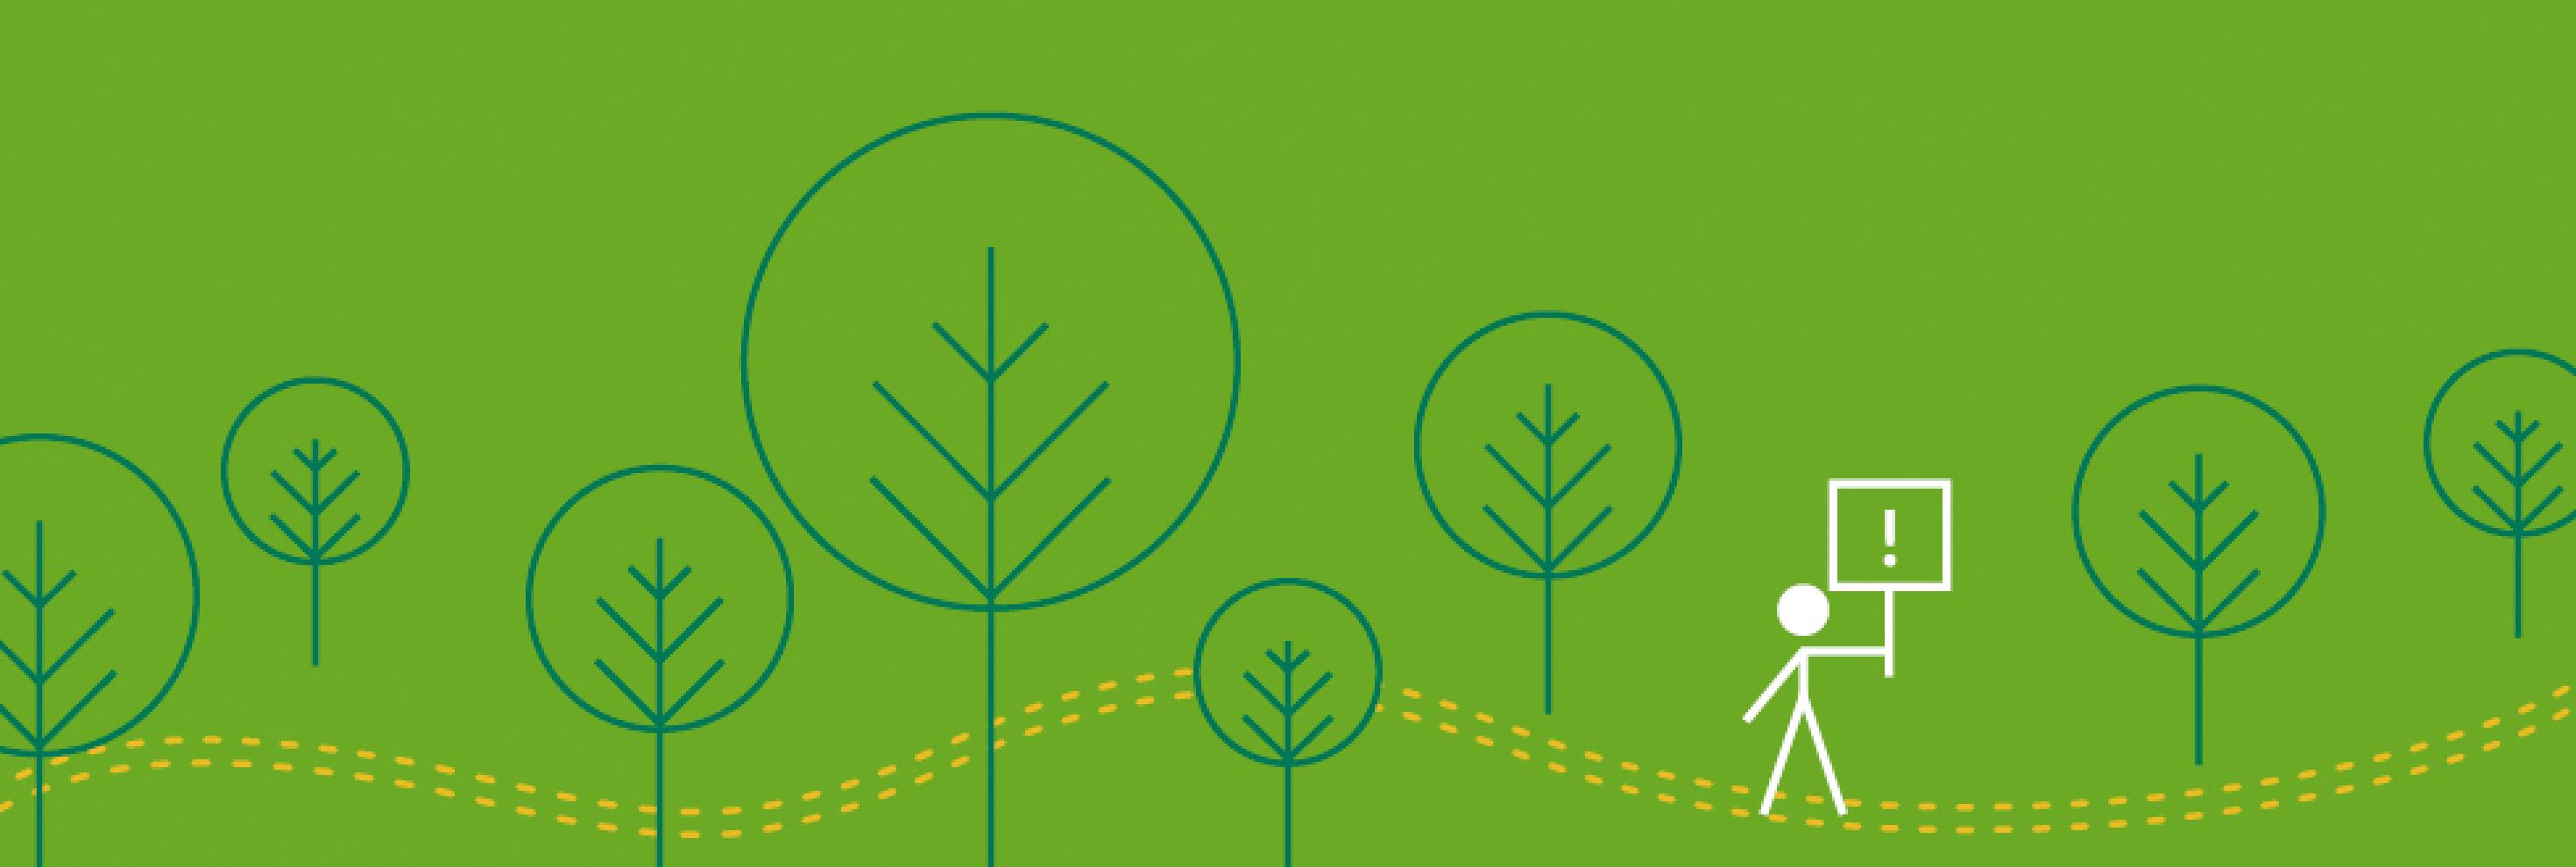 Headerbild mit stilisierten Bäumen und einem Strichmännchen, das ein Schild mit Ausrufezeichen trägt, auf grünem Hintergrund